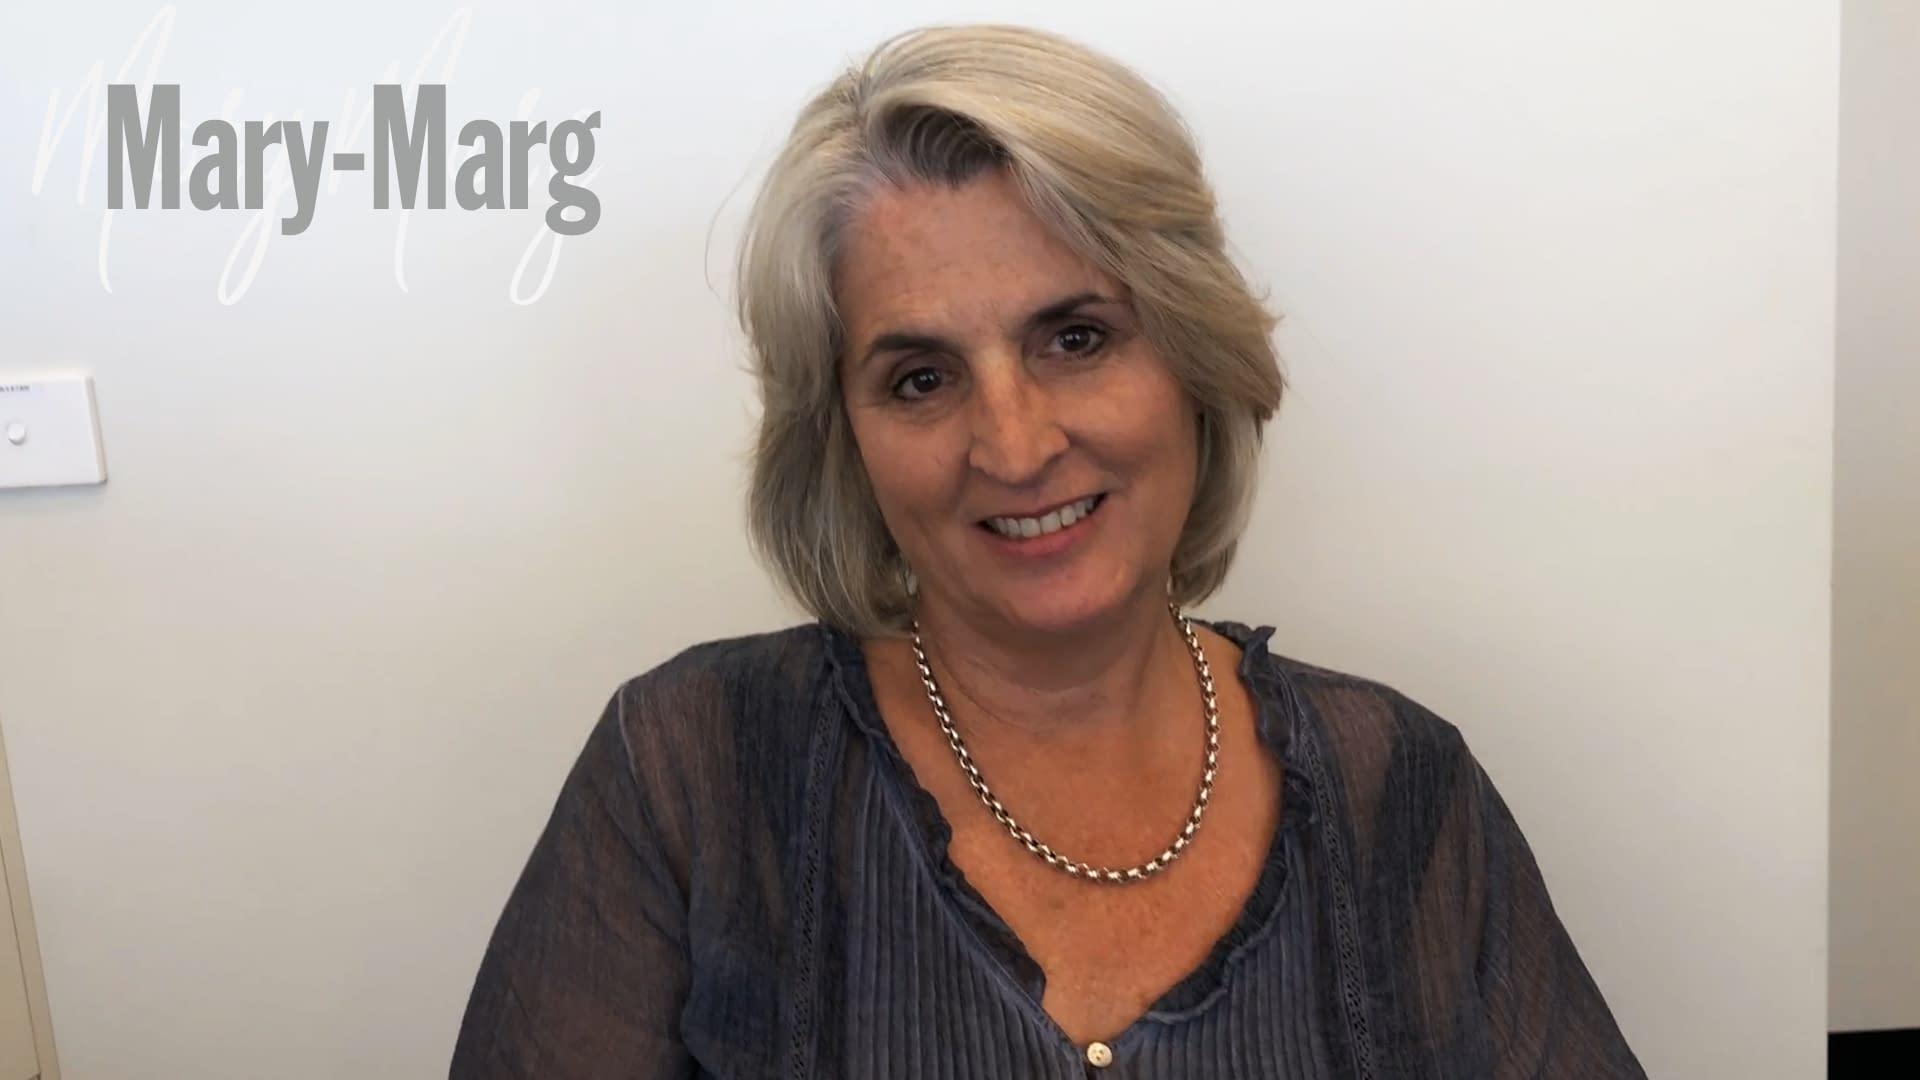 Mary-Marg